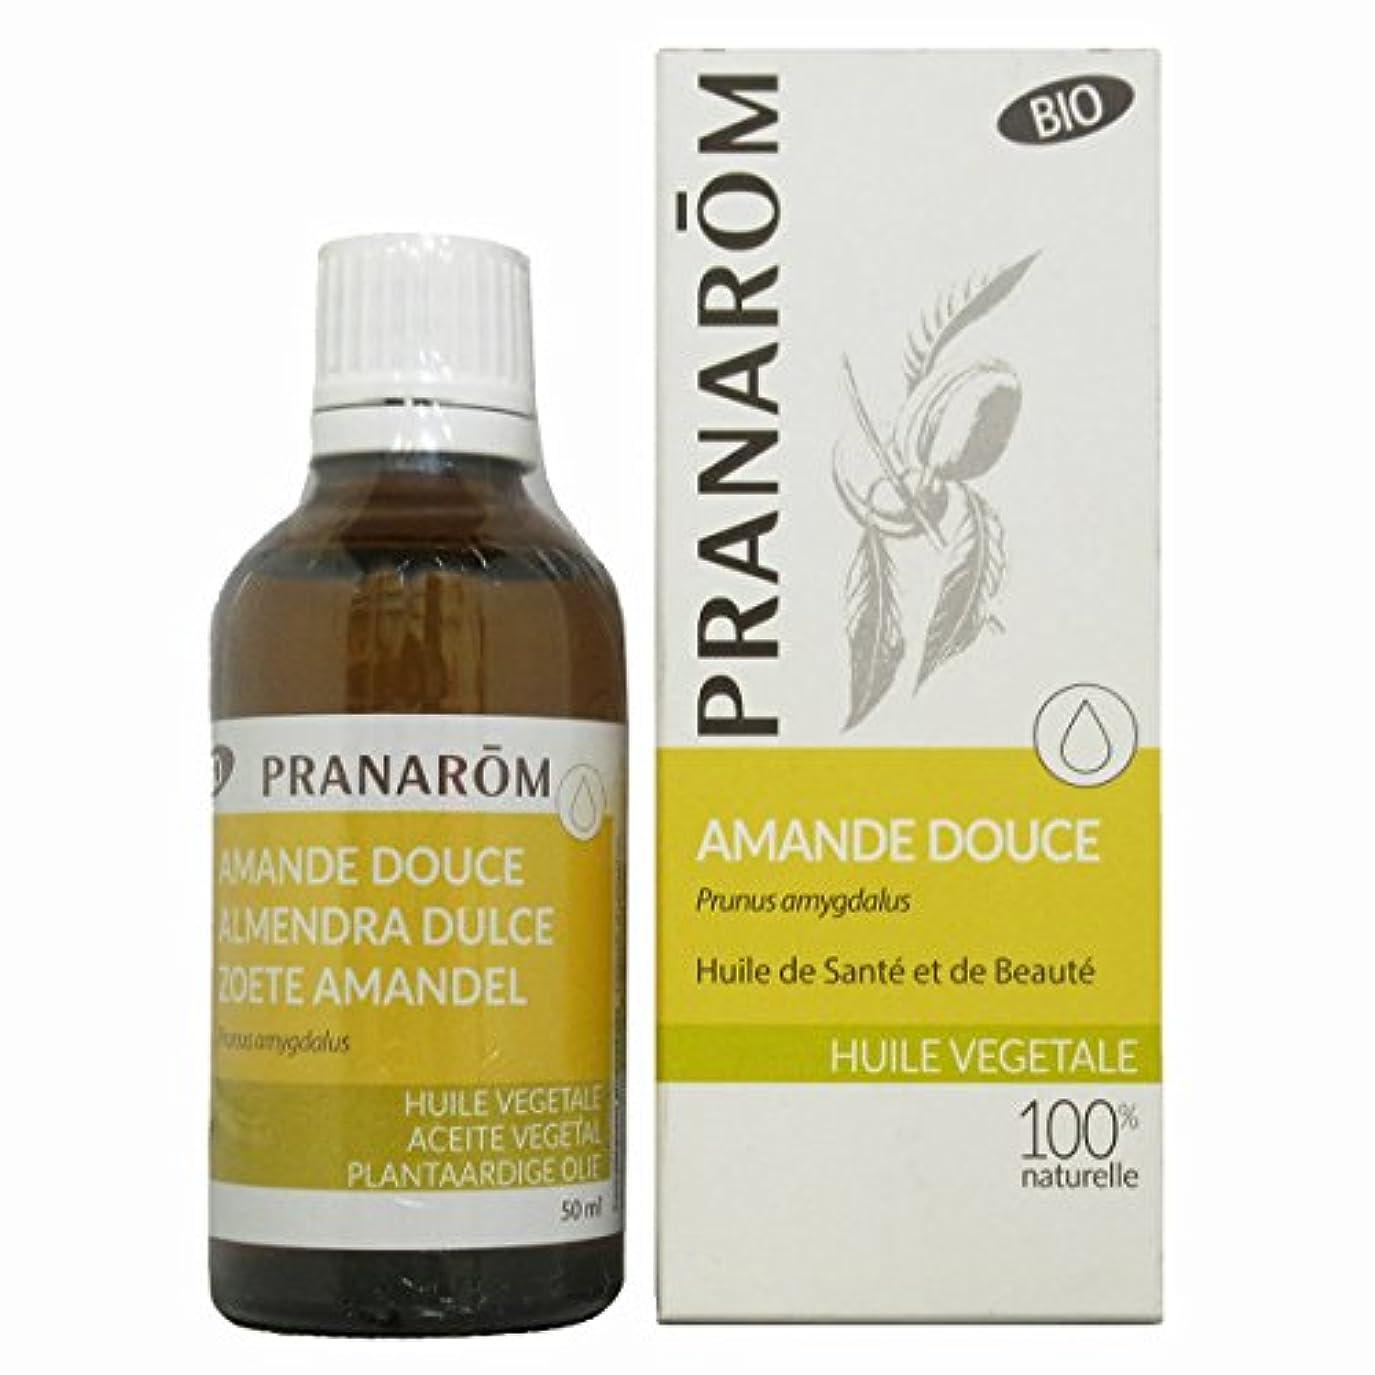 測定可能飛行場迫害するプラナロム スィートアモンドオイル 50ml (PRANAROM 植物油)